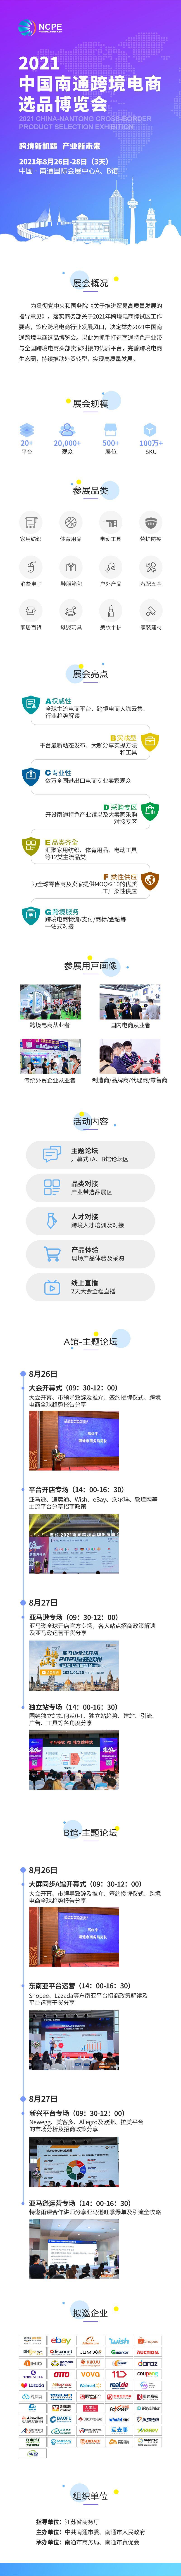 南通选品大会宣传长图.jpg